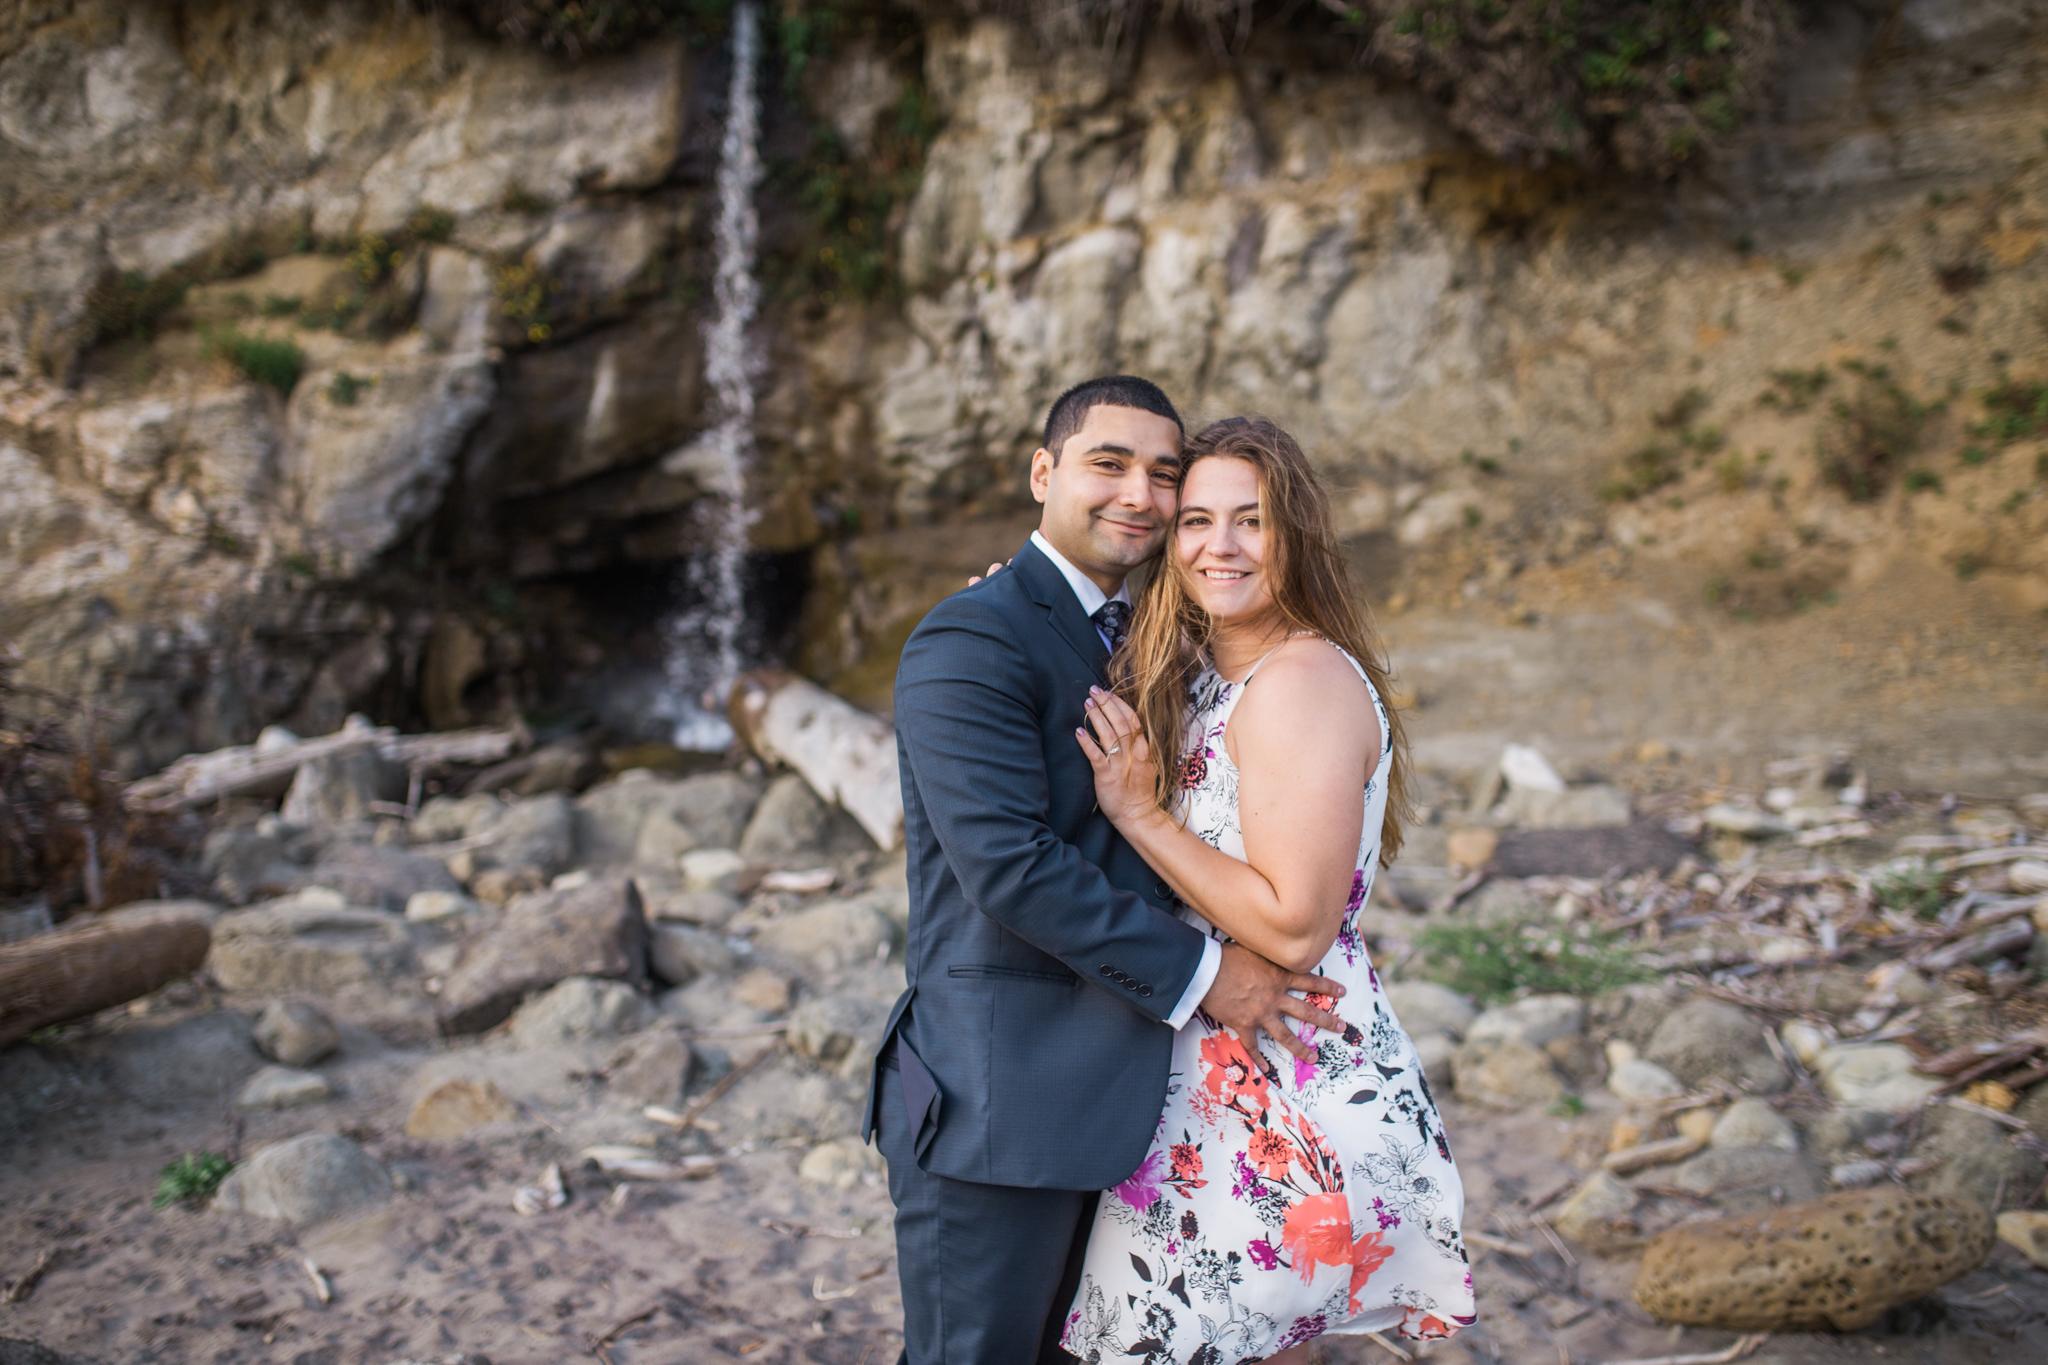 Oregon coast photographer, engagement session